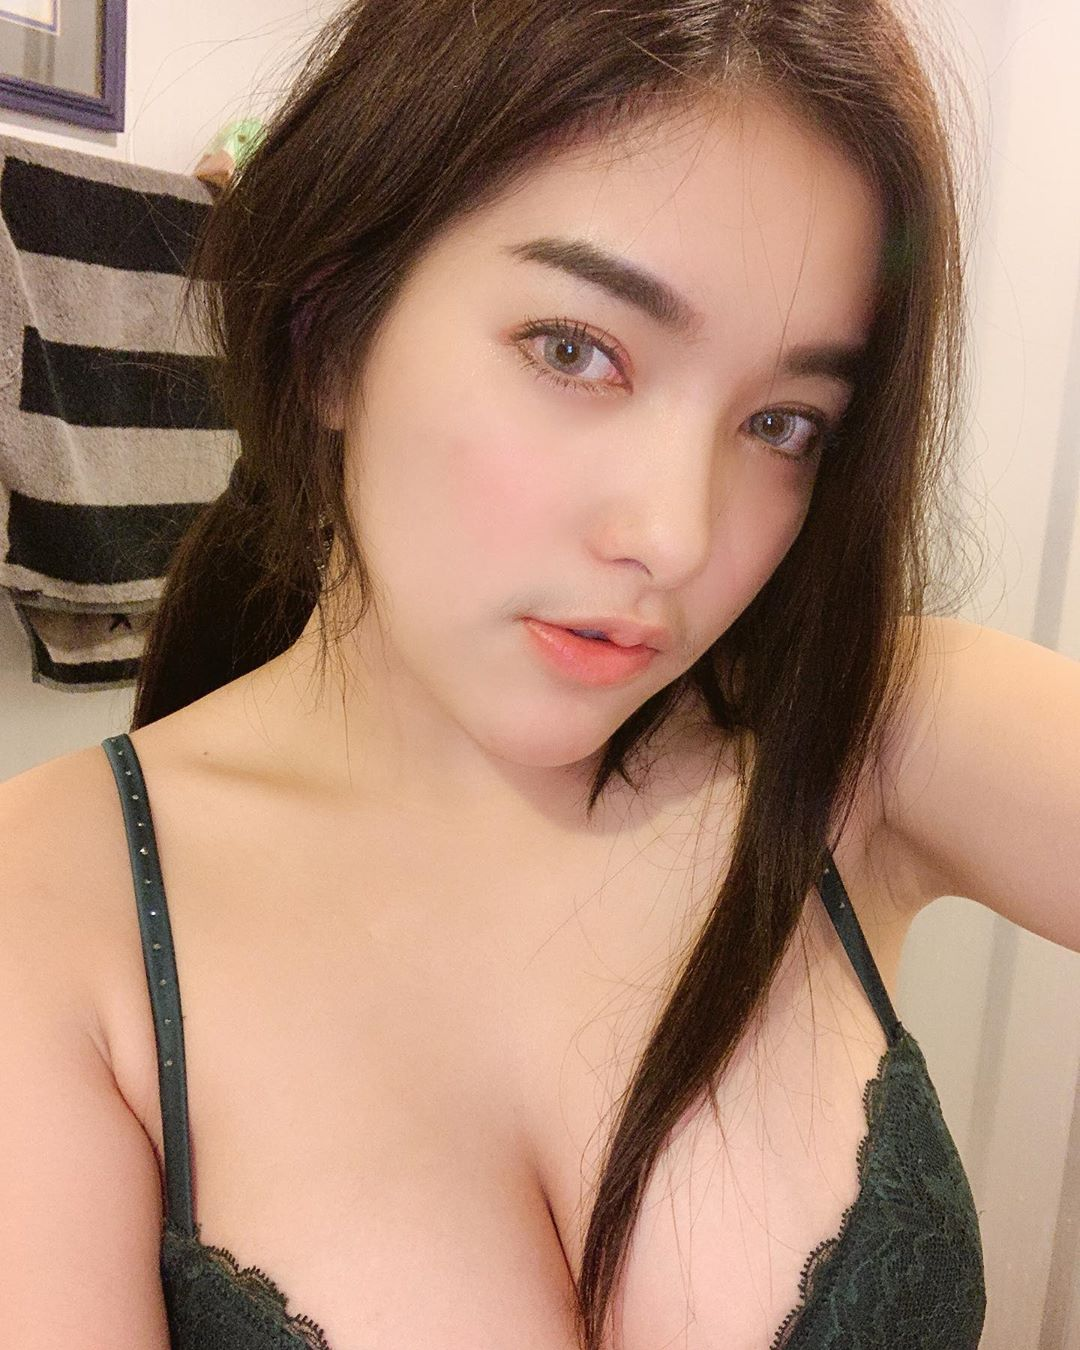 Foto Nenen Seksi Paling Hot Milik Cewek Korea